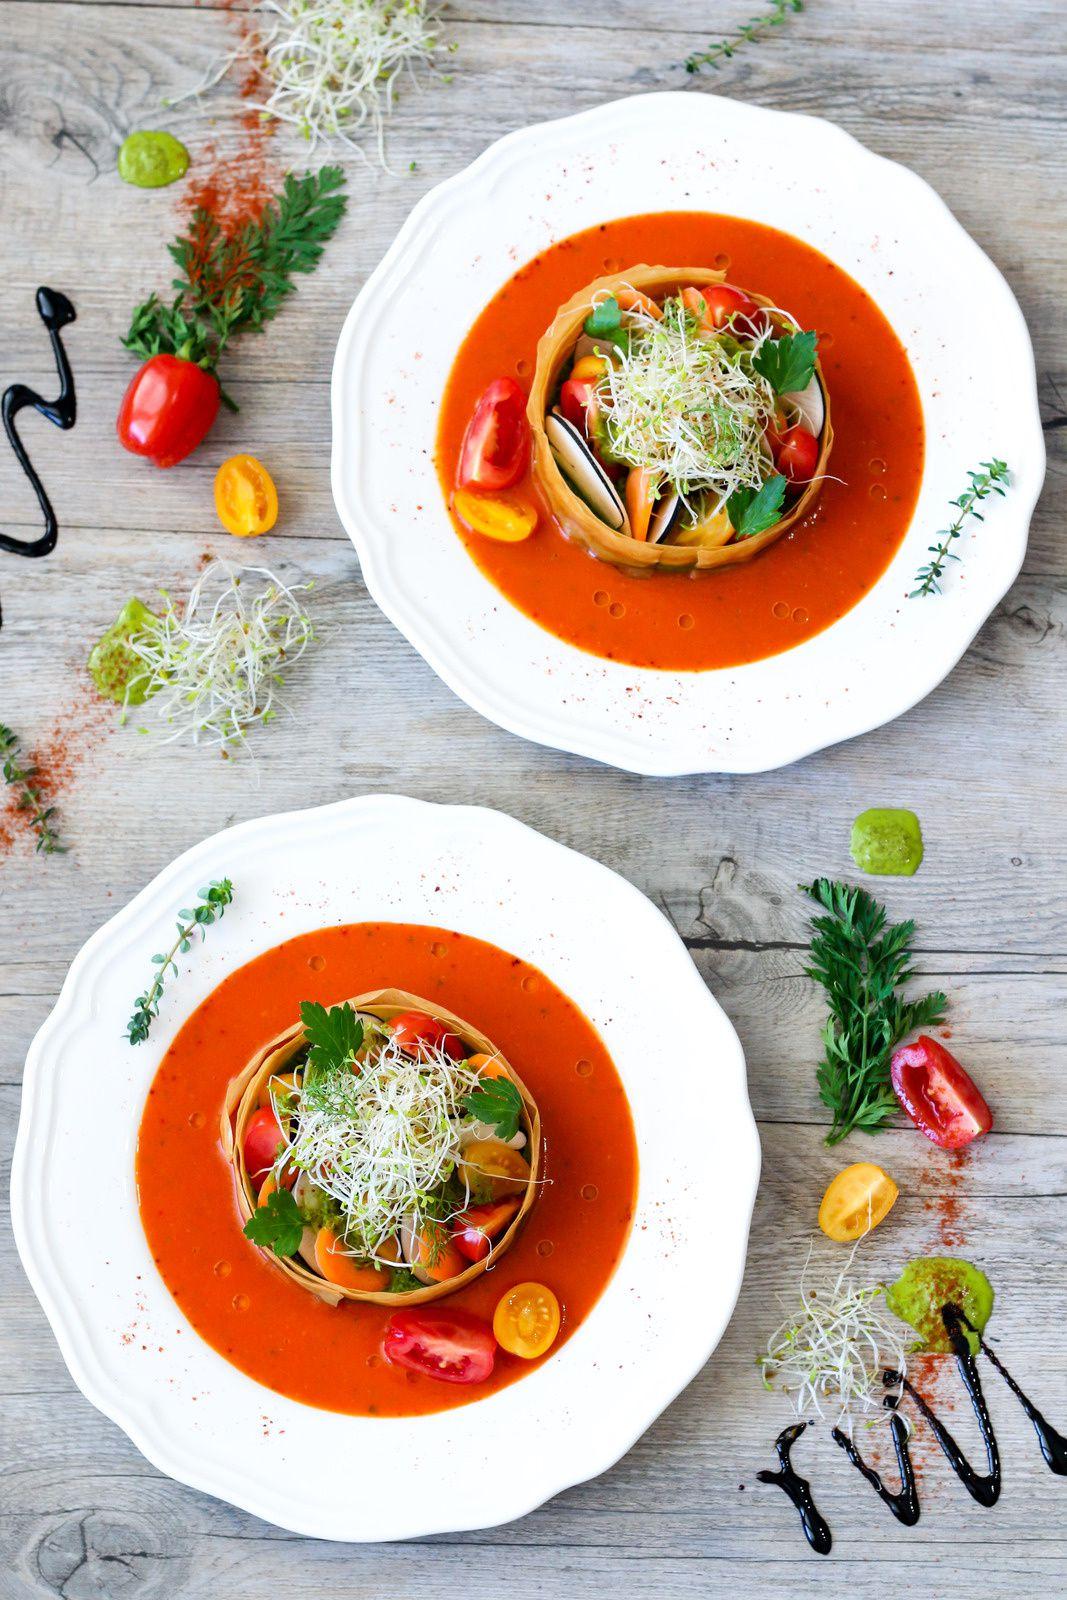 Tartelette aux légumes cuits et crus, peaux de courgette mixées à l'huile d'olive et coulis de tomate à l'origan frais